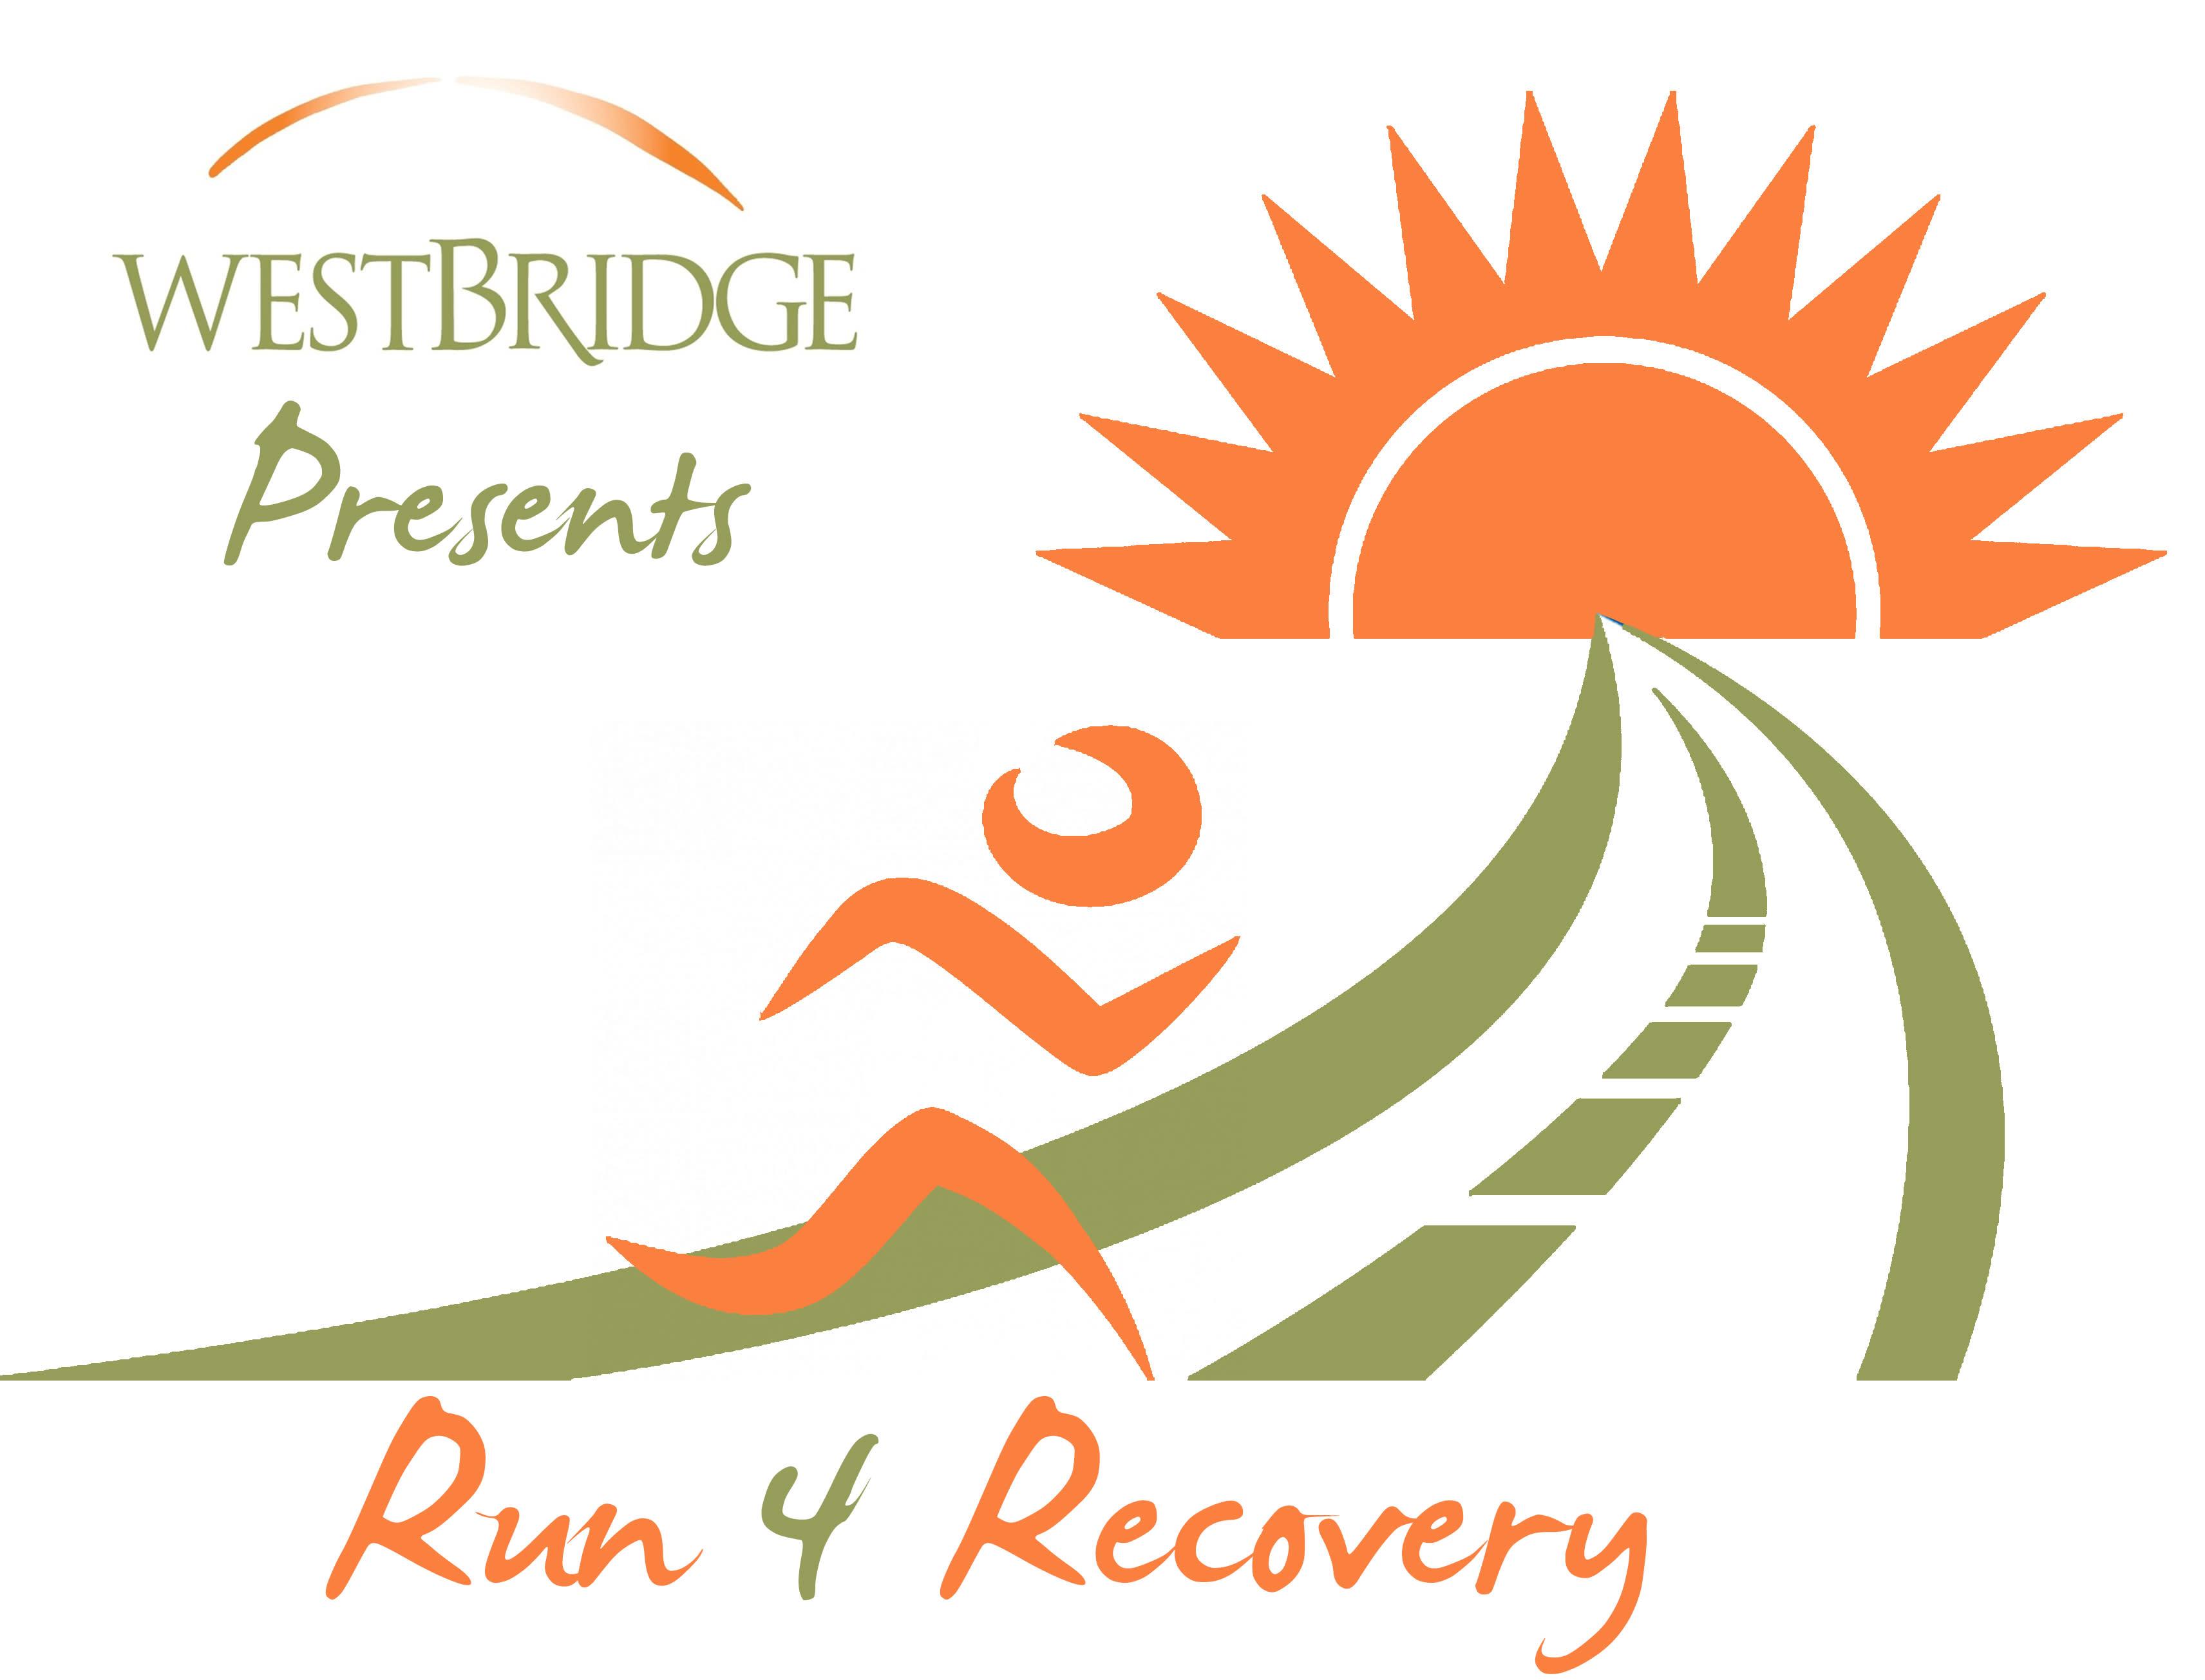 WestBridge Run 4 Recovery 5k Run/Walk and 1 Mile Fun Run